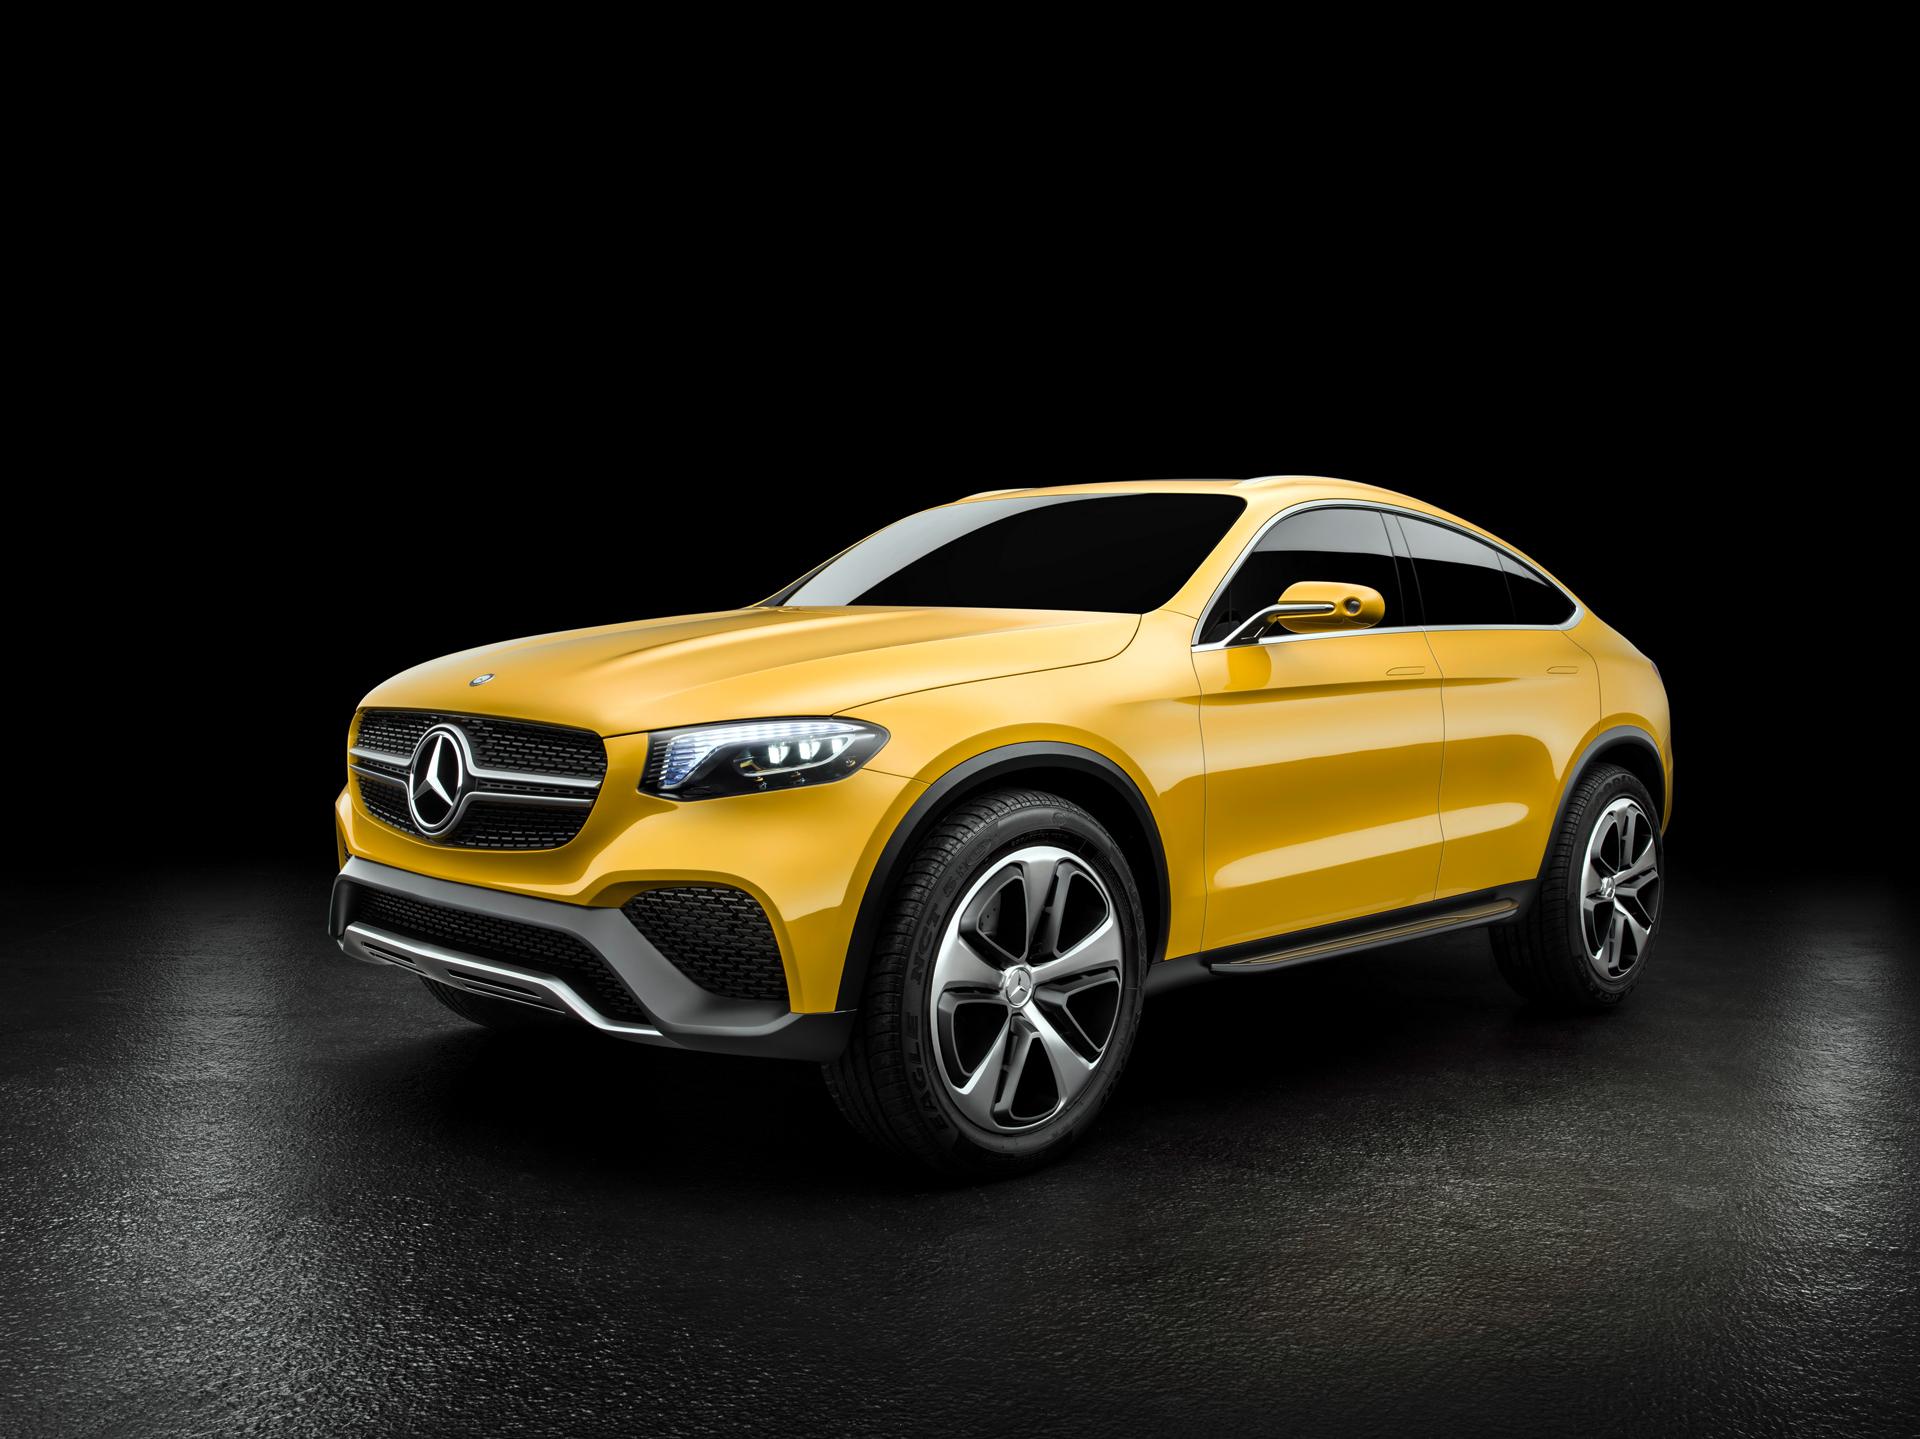 Mercedes-Benz Concept GLC Coupe - avant / front